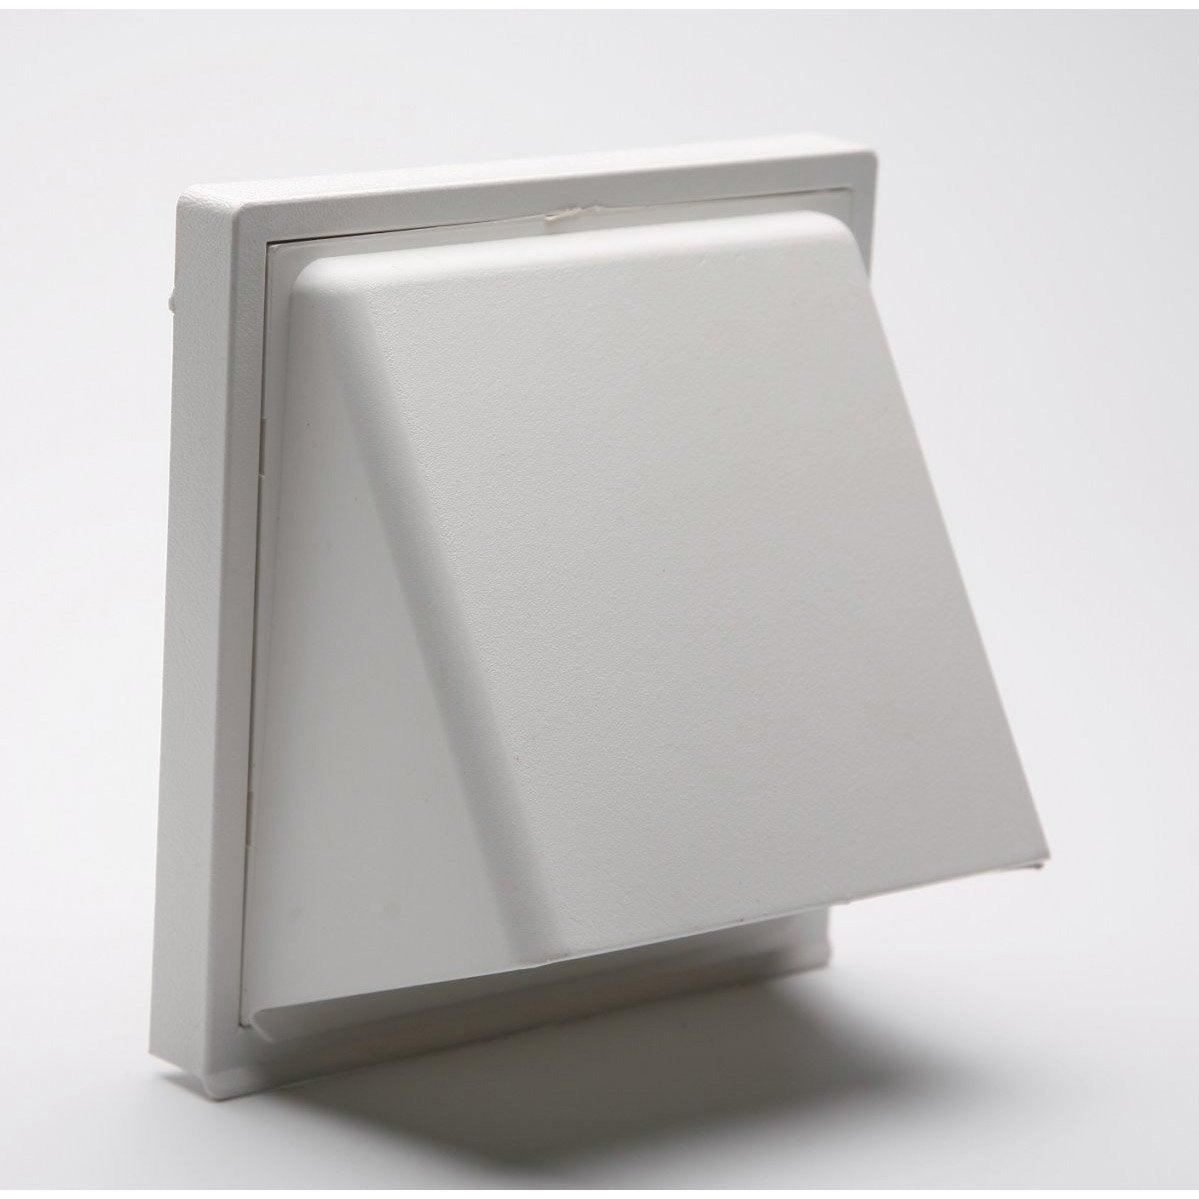 grille d 39 a ration abs naturel x cm leroy merlin. Black Bedroom Furniture Sets. Home Design Ideas